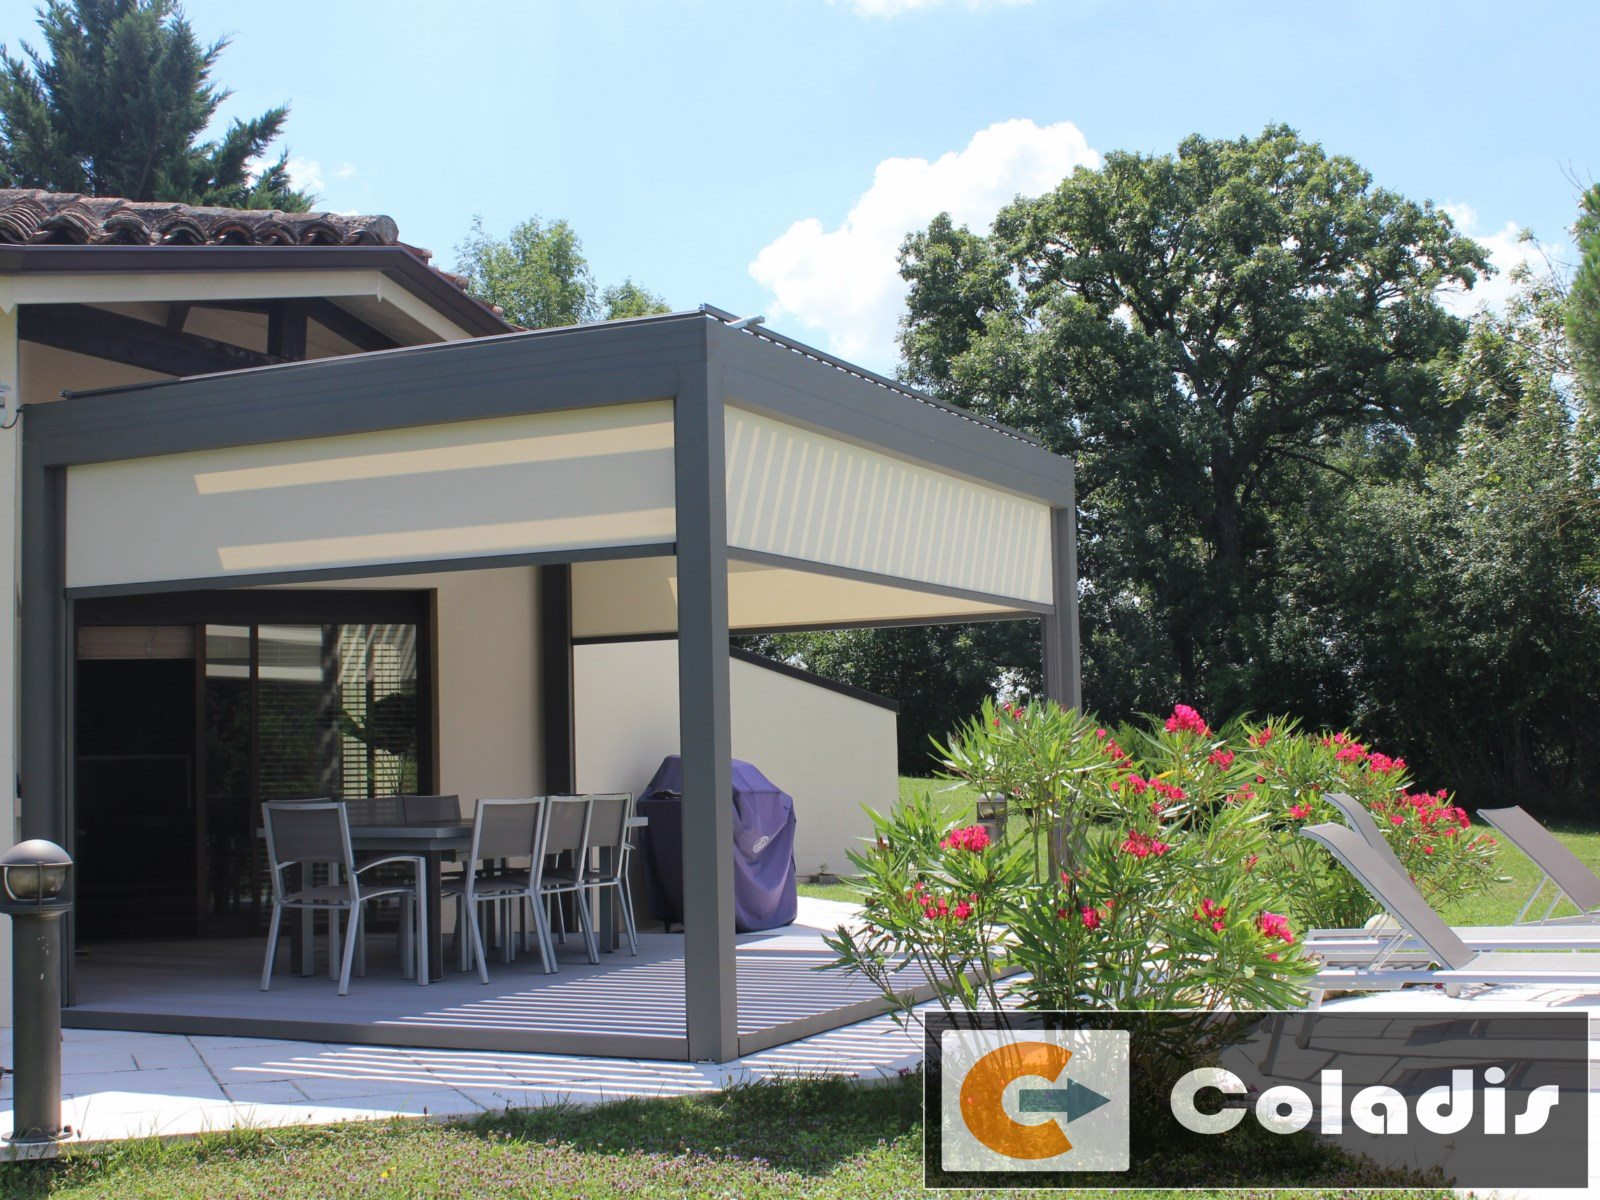 Coladis stores electriques pergola profils systemes Clermont Hérault 34